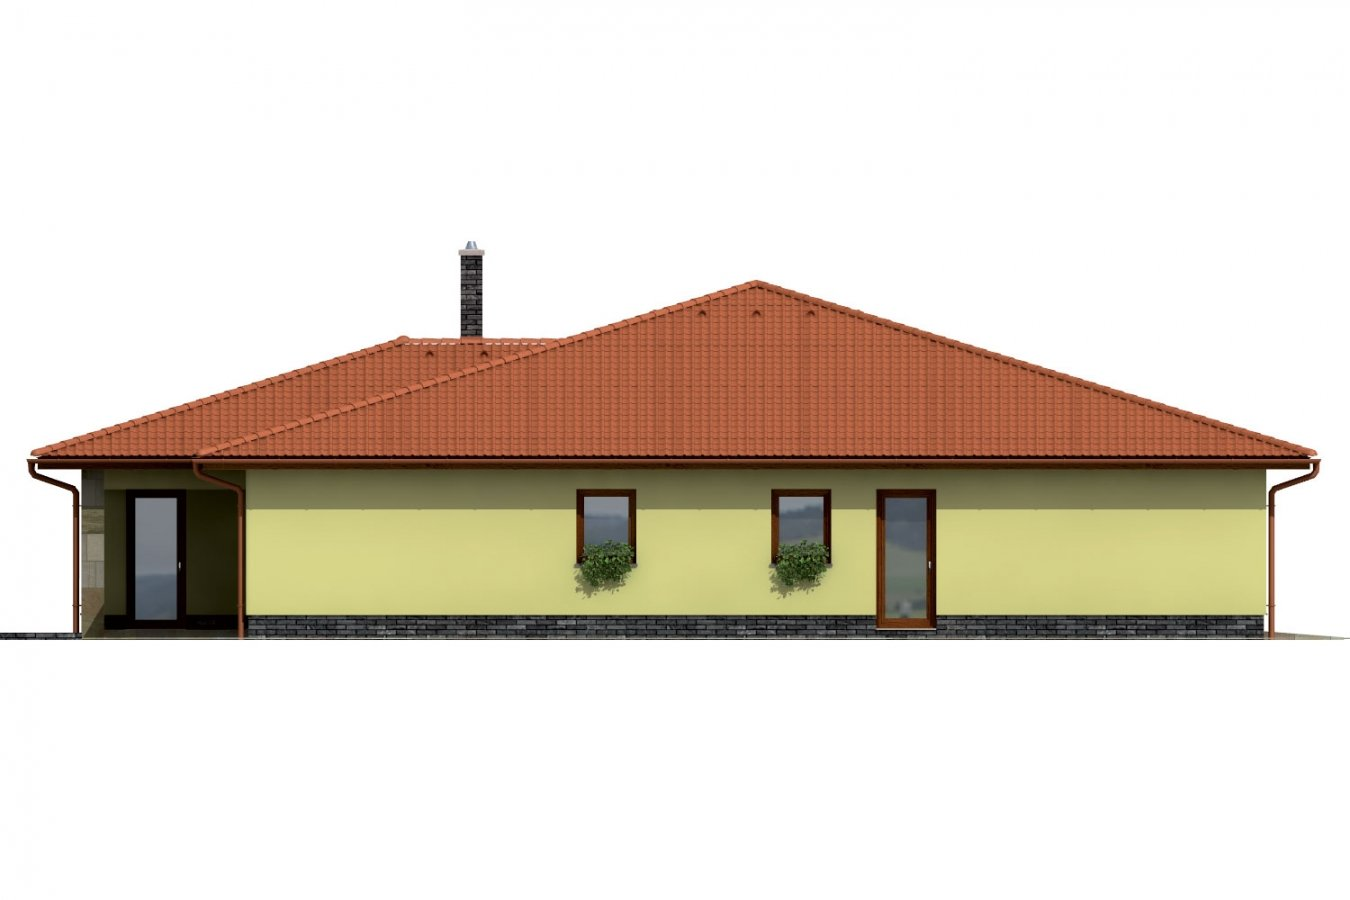 Pohľad 3. - Exkluzívny bungalov s dvomi garážami.